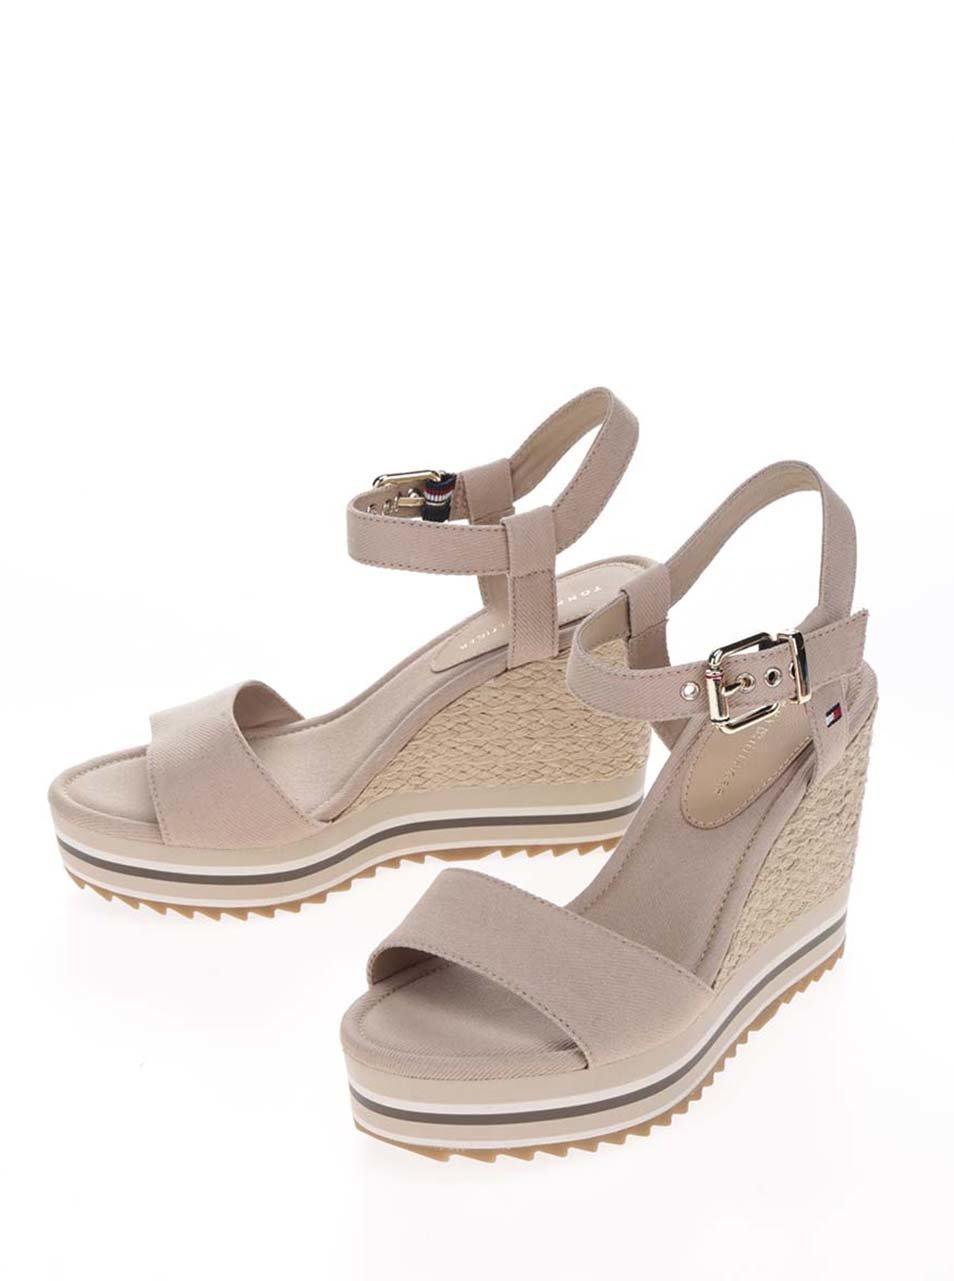 c57e0b27f346 Béžové dámske sandále na platforme Tommy Hilfiger ...